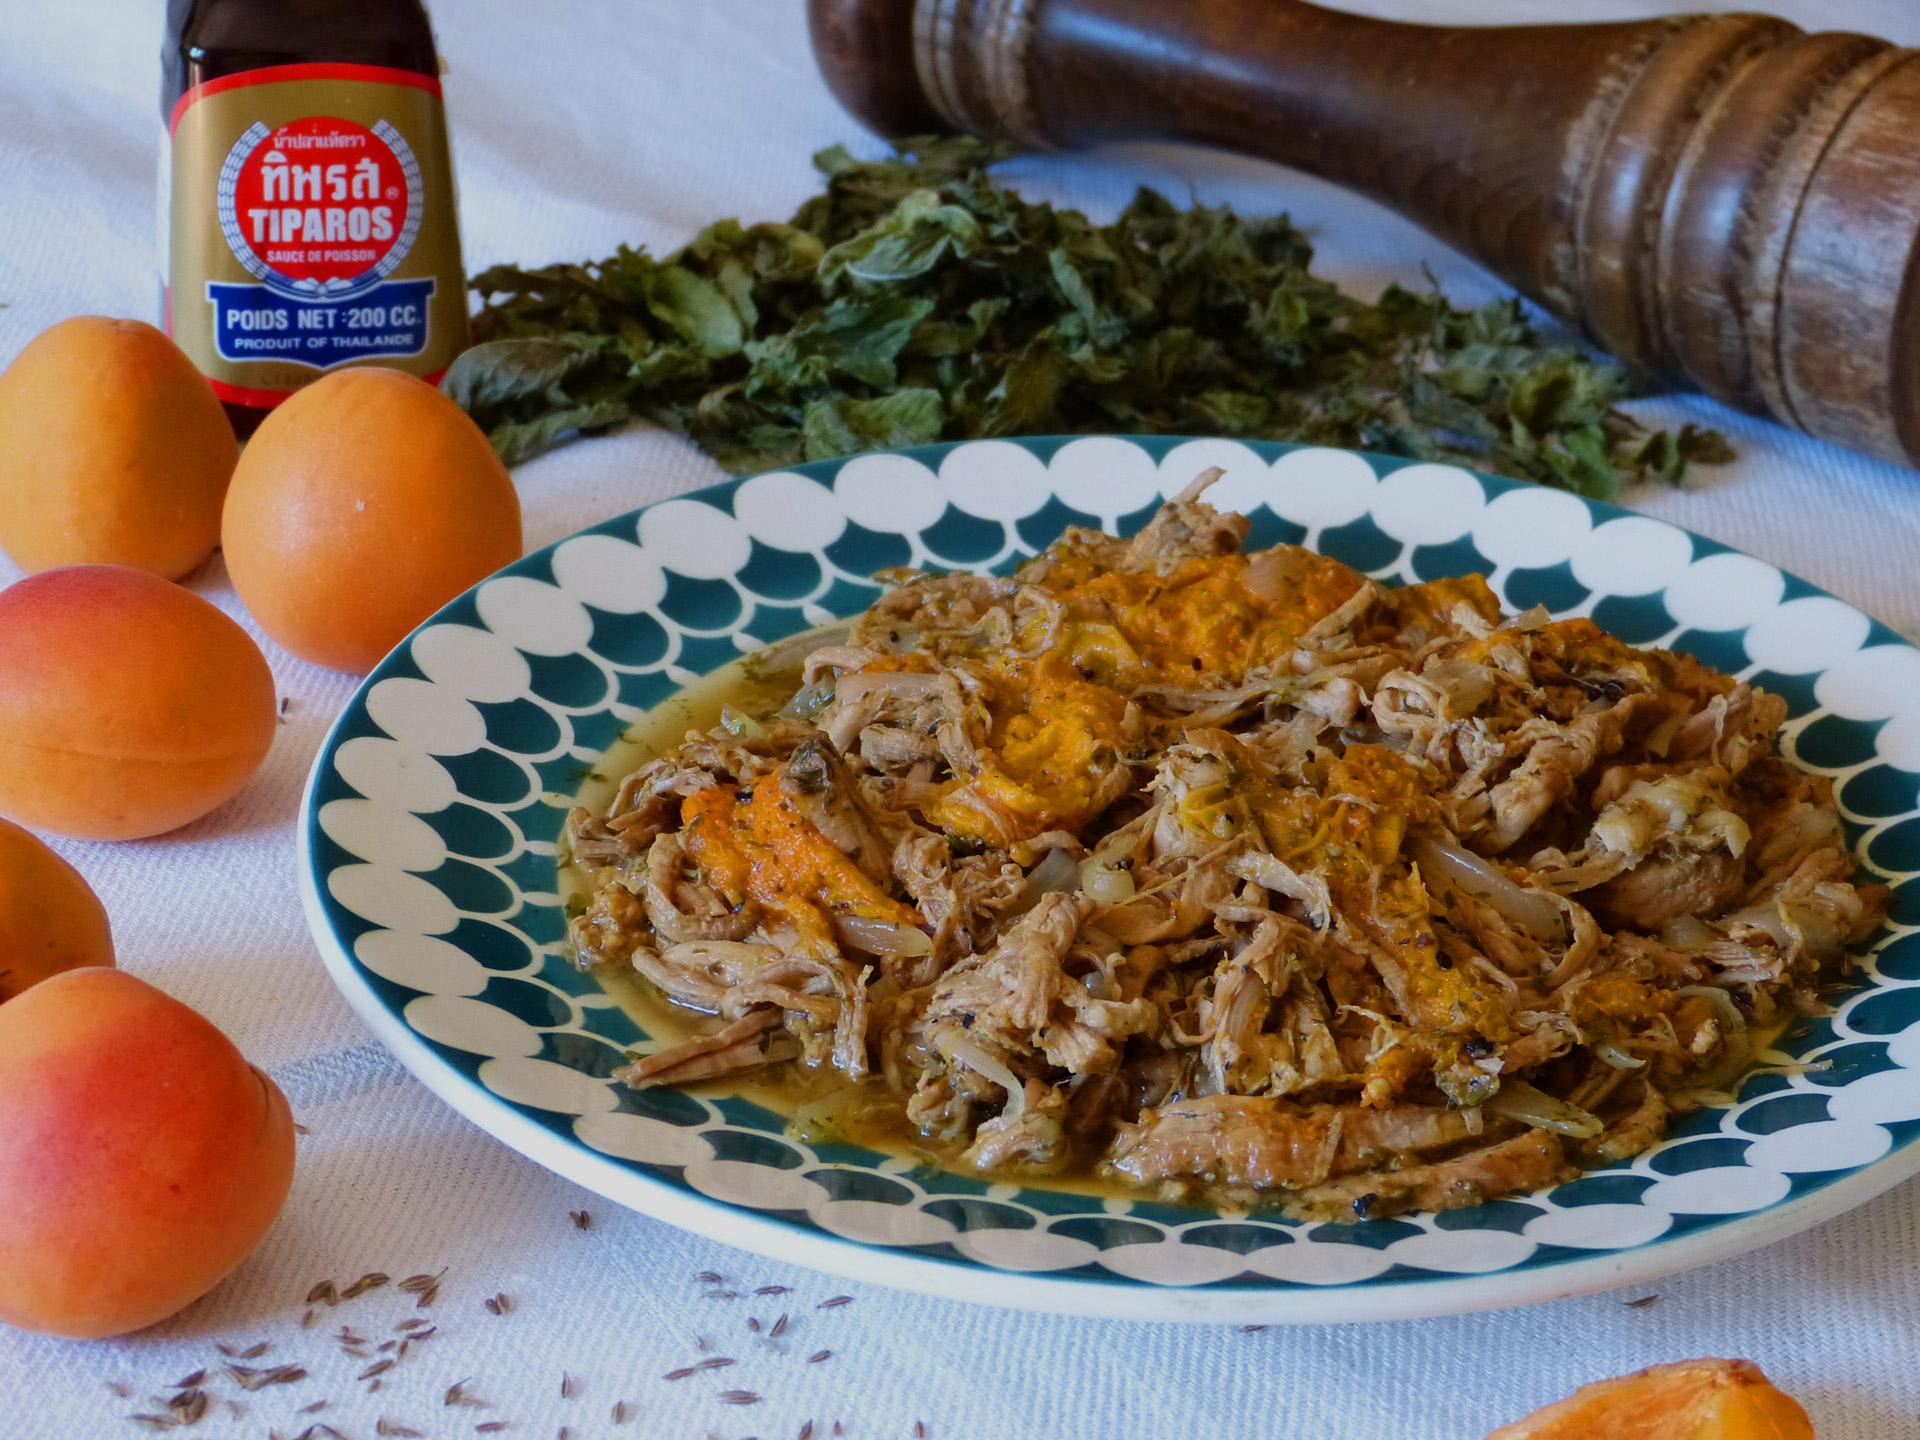 Plat-minutal-viande-abricots-menthe-cumin-poivre-les-causeries-culinaires-recette-antiquite-fait-maison-boutique-saveur-histoire